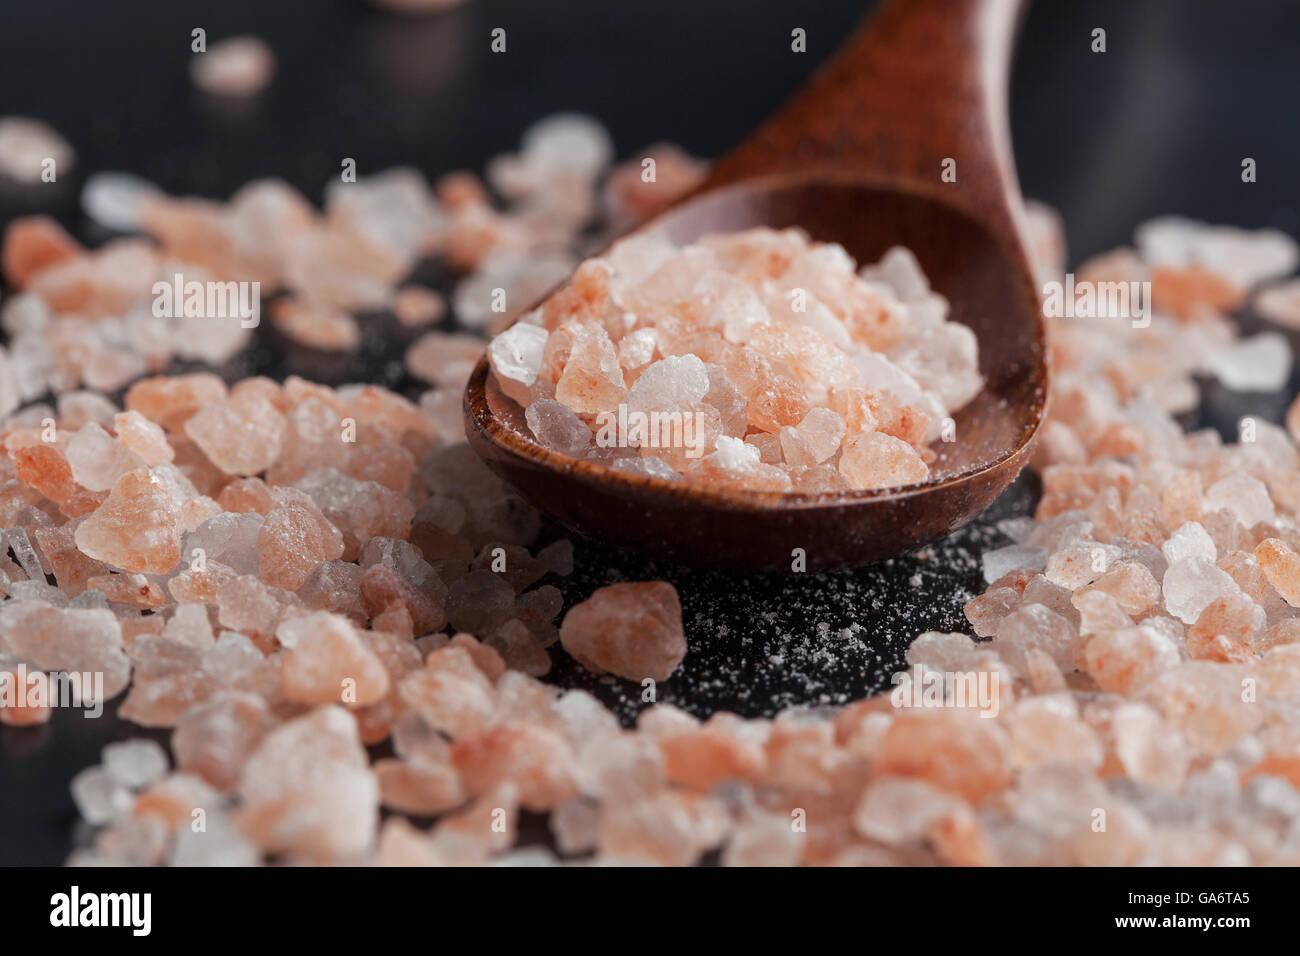 Himalayan pink rock salt in wooden spoon closeup - Stock Image